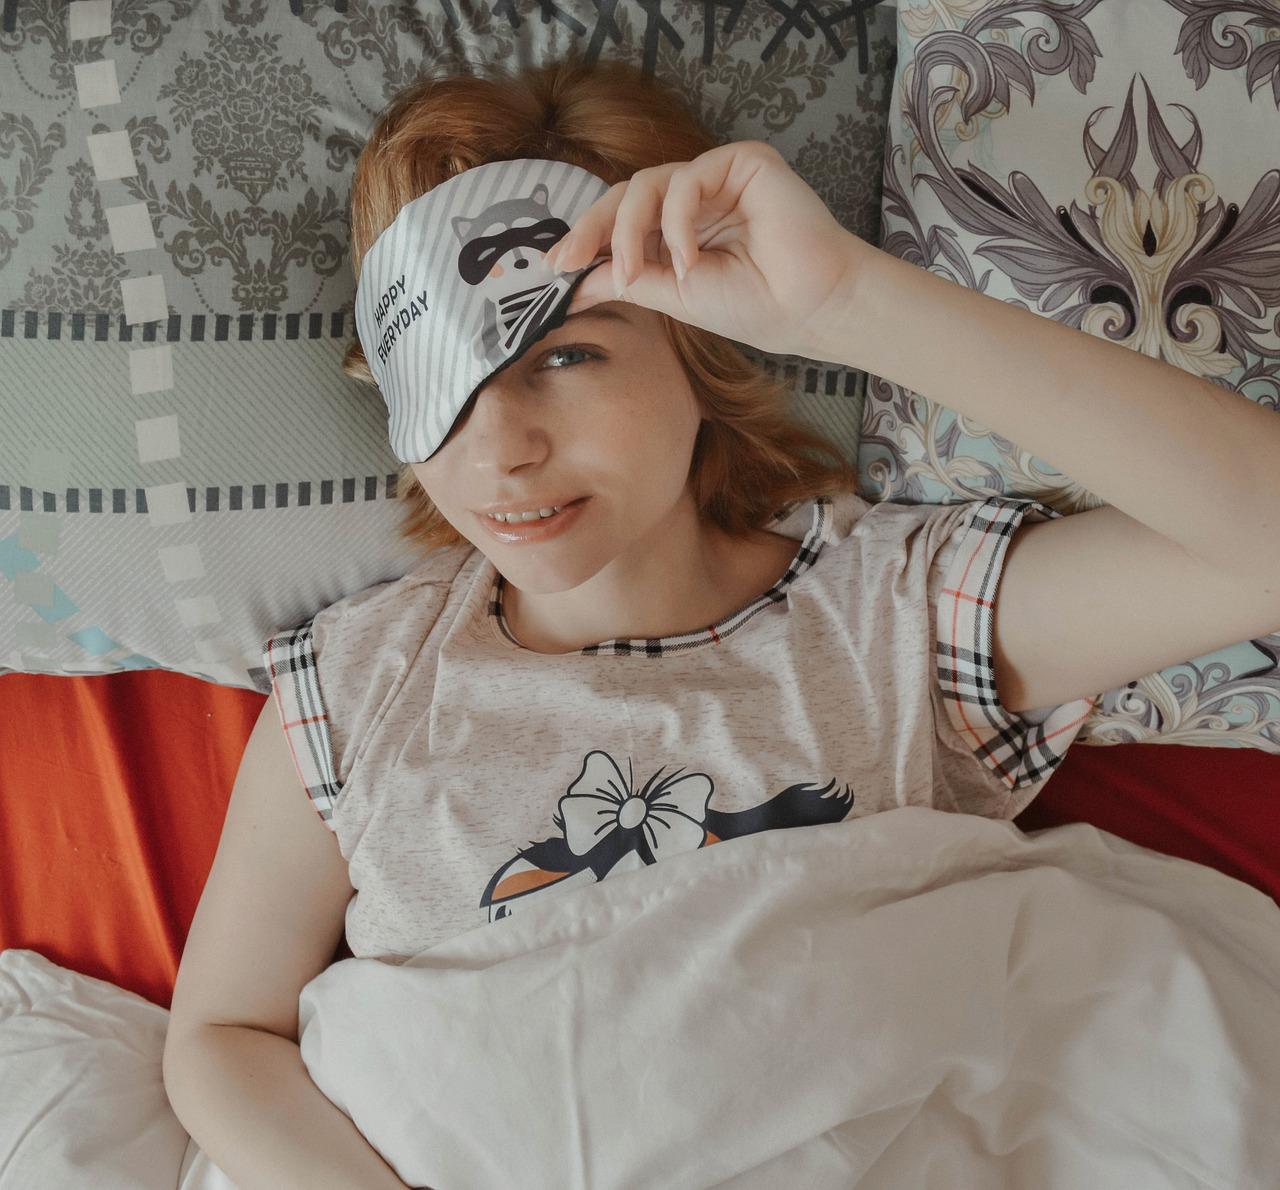 Sleep Mask Dream Vacation Bed  - Victoria_Borodinova / Pixabay